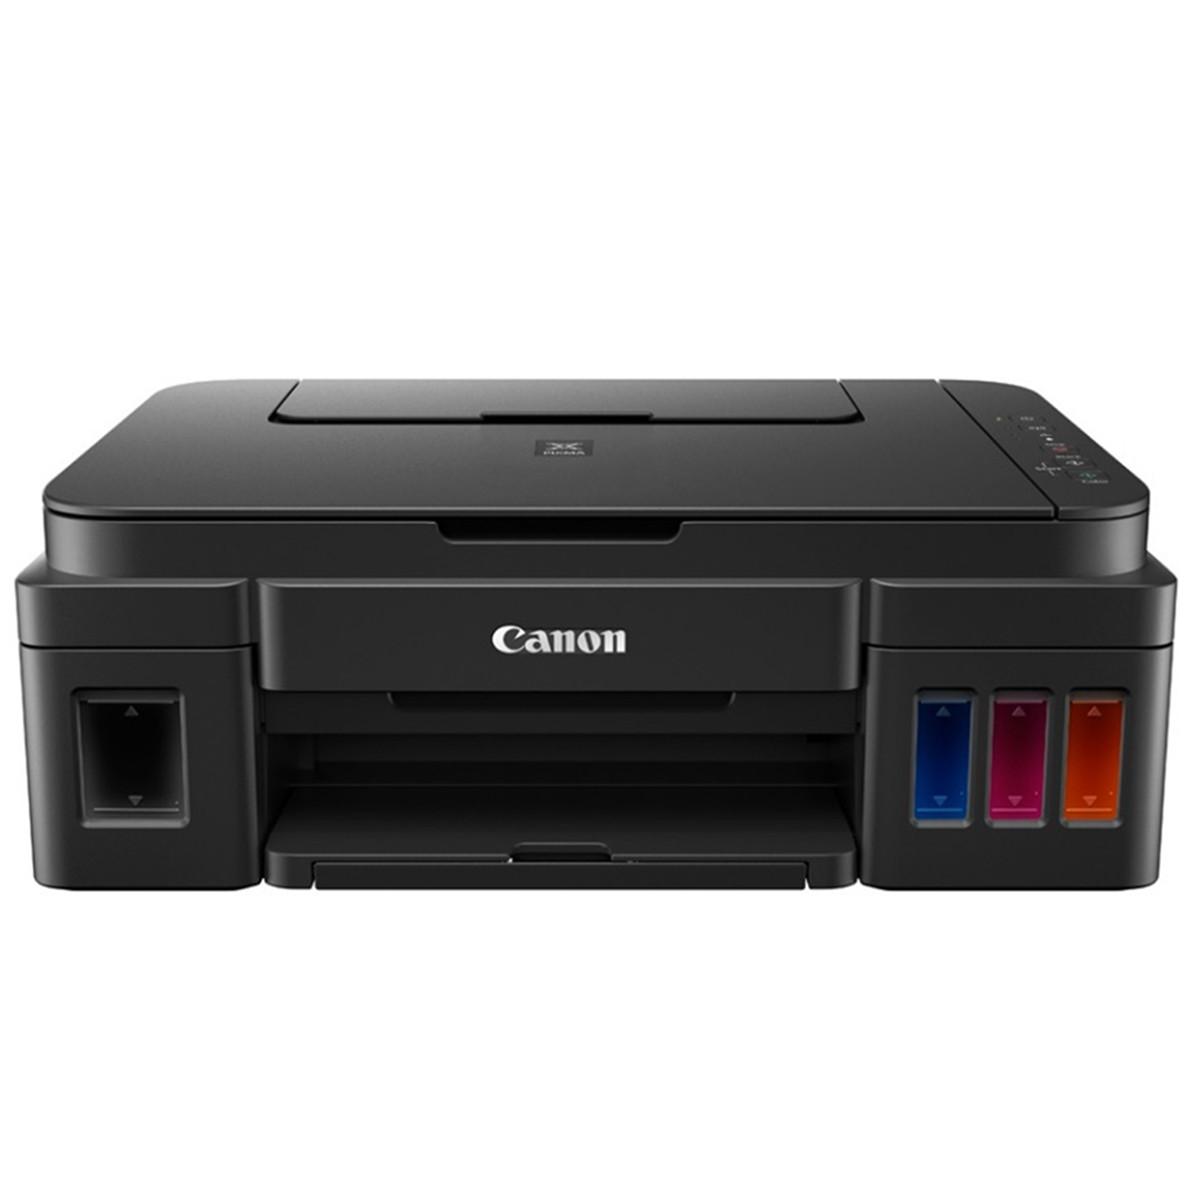 Impressora Canon Pixma Maxx G2100 | Multifuncional Tanque de Tinta com Conexão USB